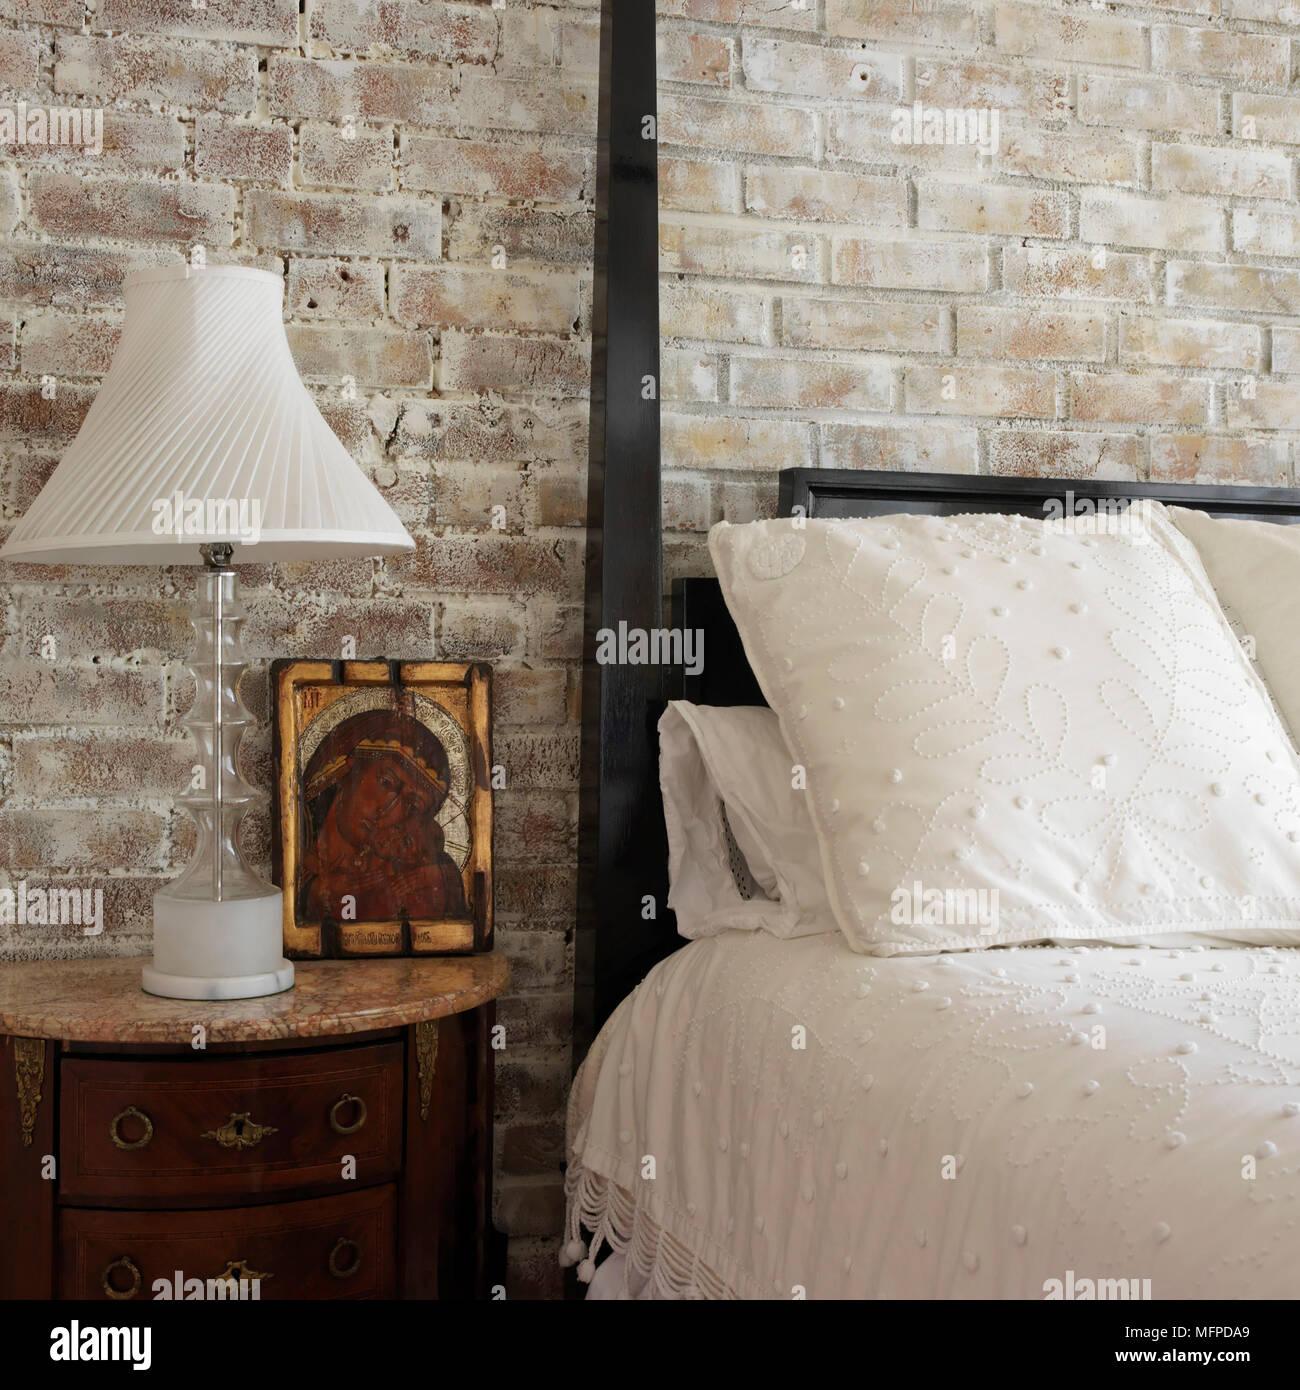 Lampe Neben Dunklen Holz Himmelbett Im Landhausstil Schlafzimmer